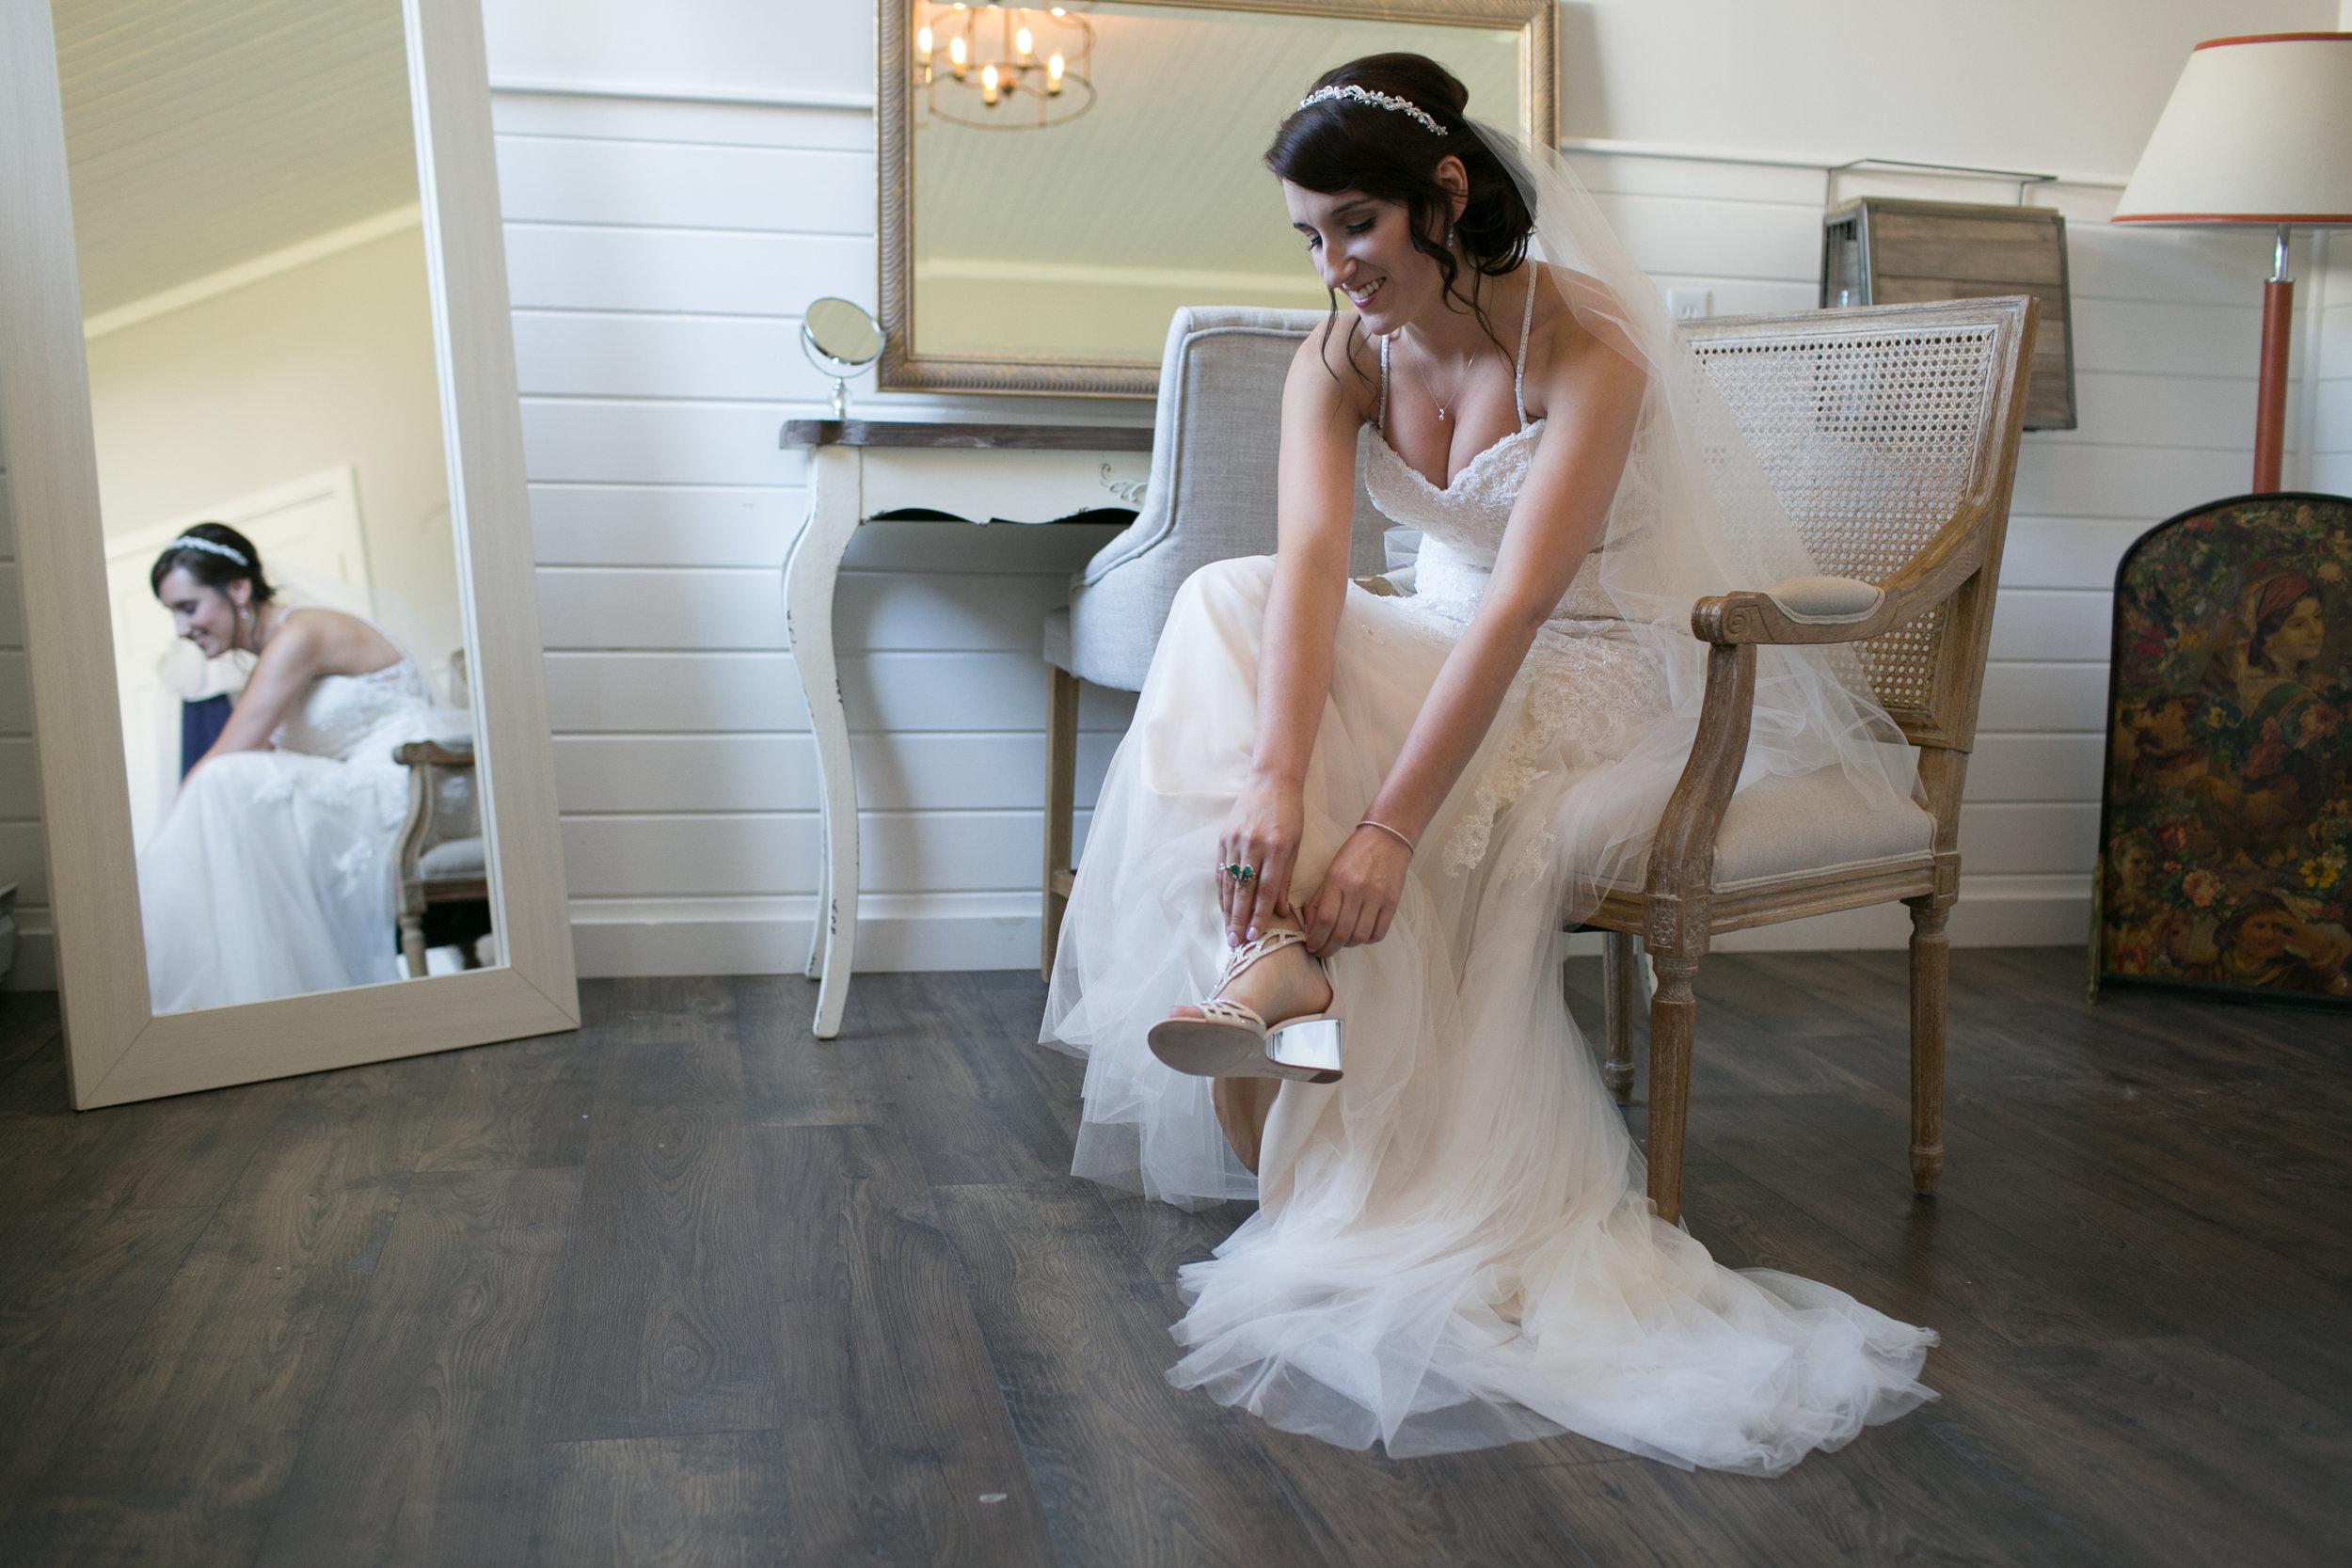 079_Jared_Kristen_wedding.jpg